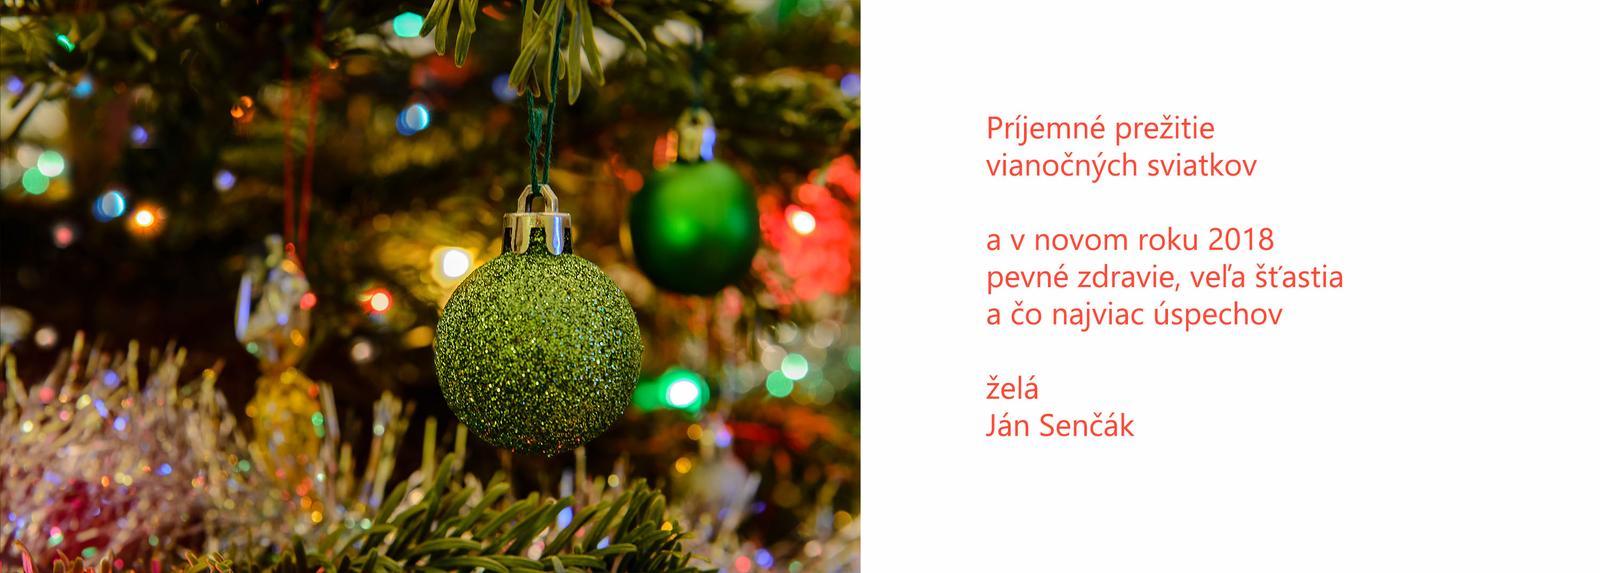 Přeji krásné Vánoce a šťastný nový rok 2018 - Obrázek č. 1